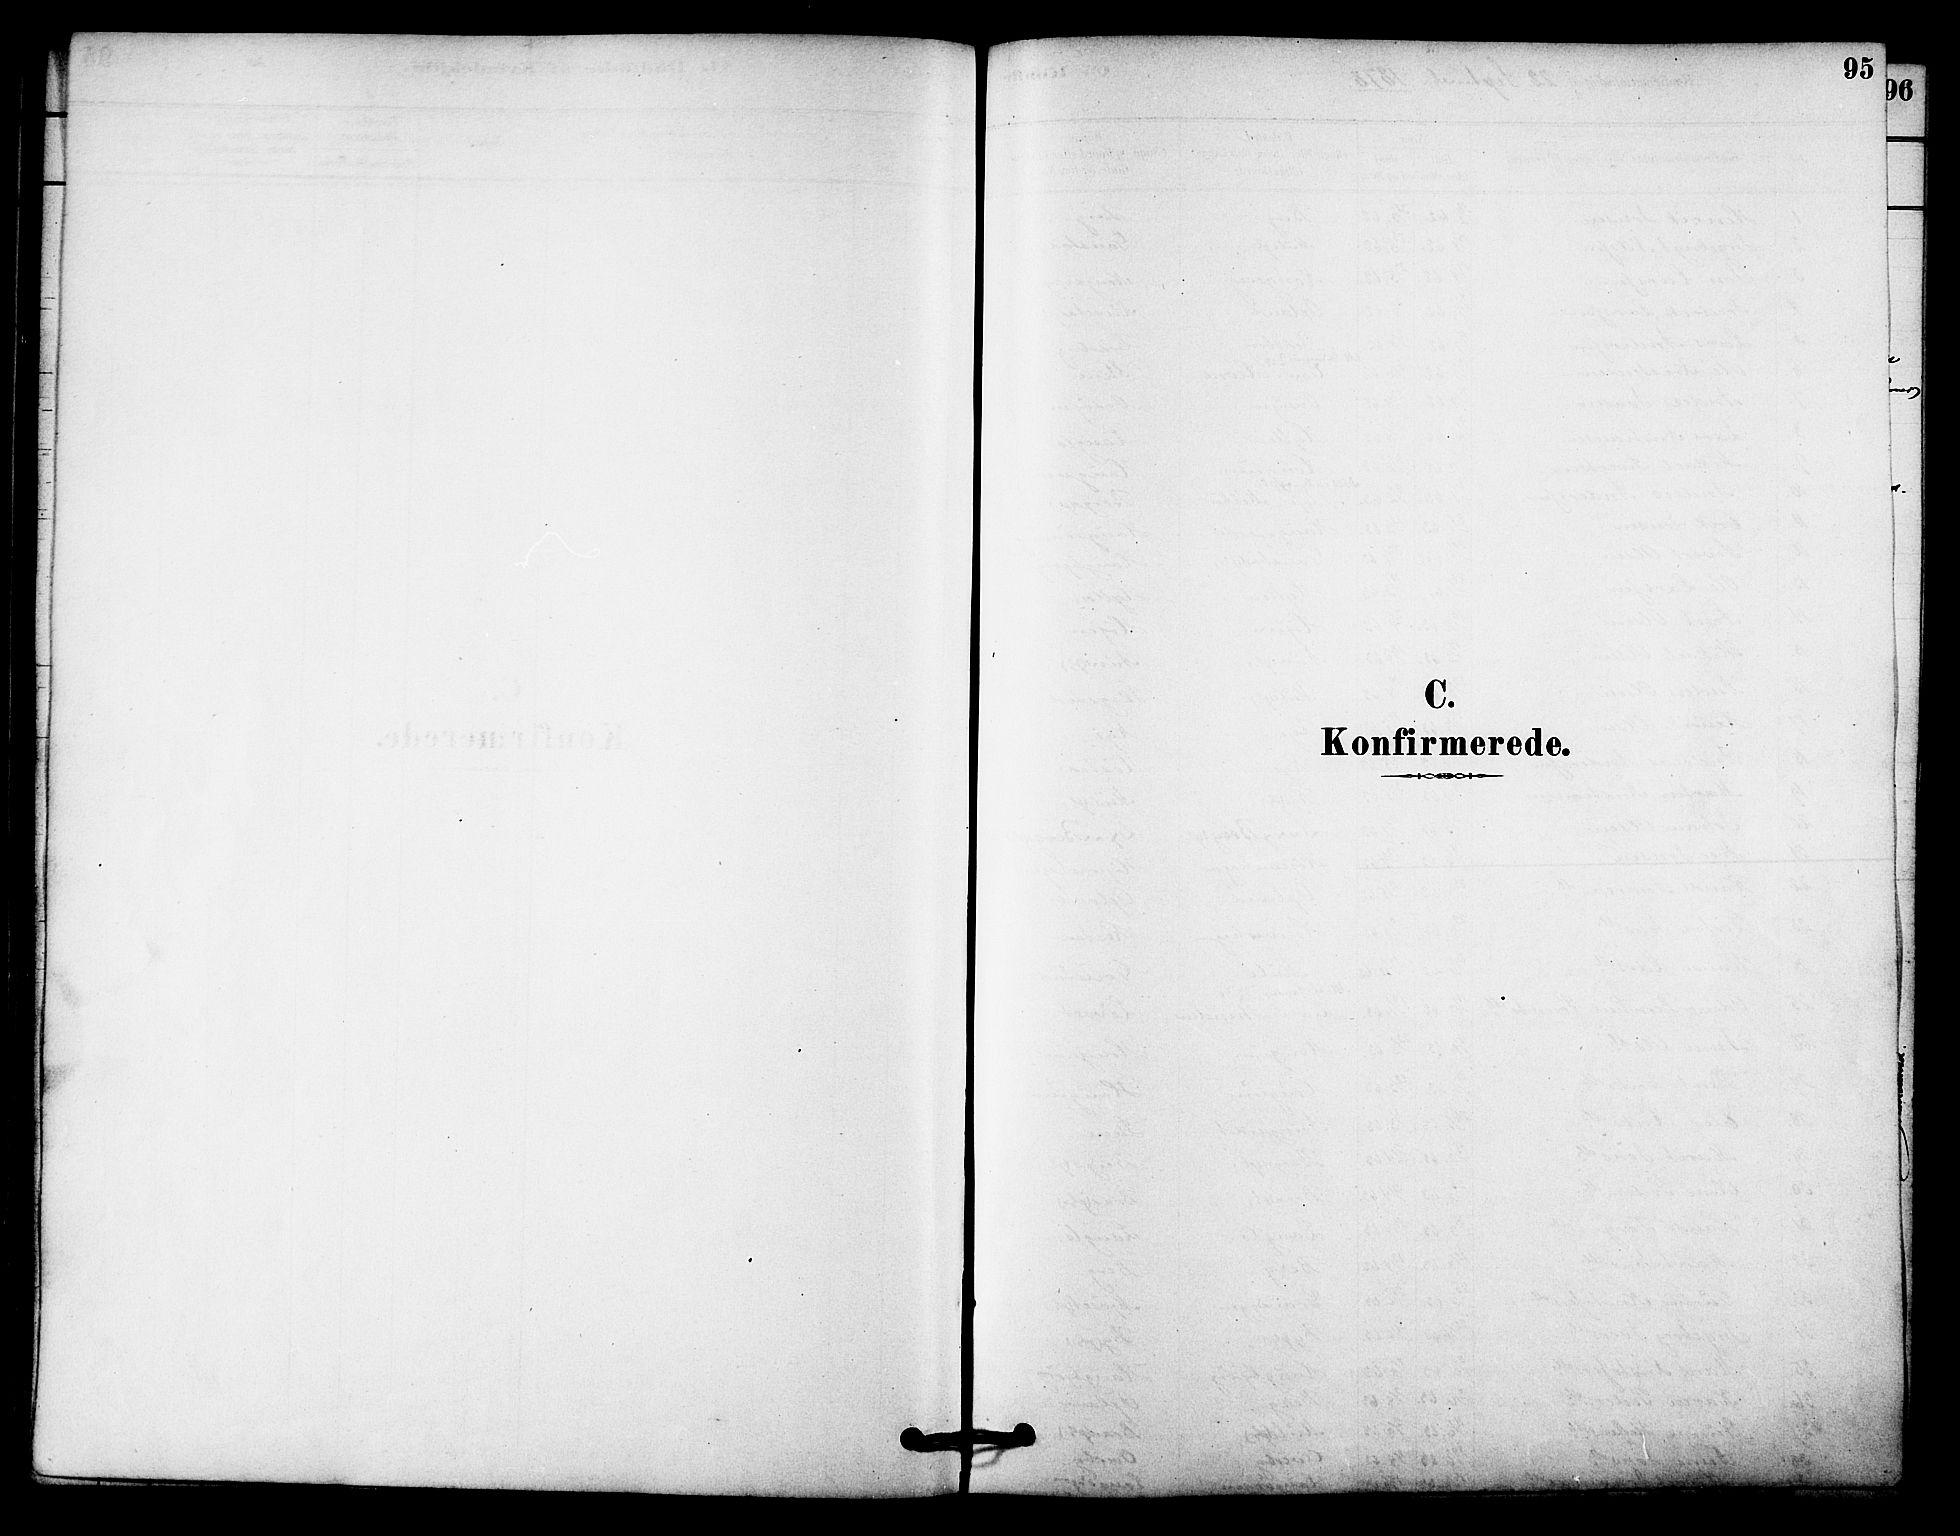 SAT, Ministerialprotokoller, klokkerbøker og fødselsregistre - Sør-Trøndelag, 612/L0378: Ministerialbok nr. 612A10, 1878-1897, s. 95